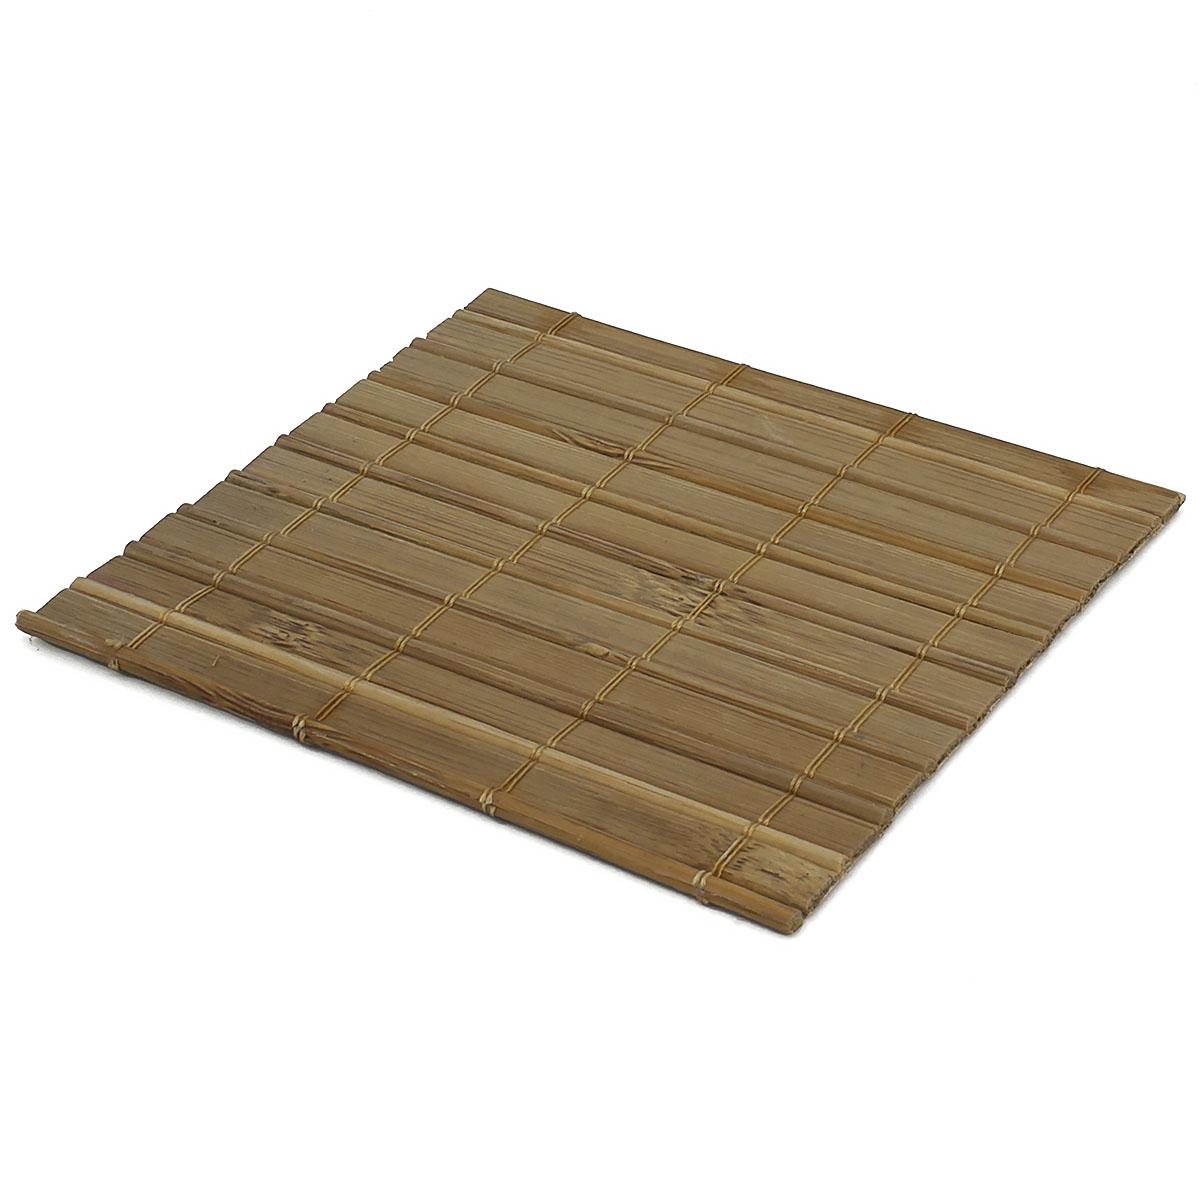 Набор чайных циновок (бамбук) светло-коричневые 10 х 10 см 5 шт/упак.